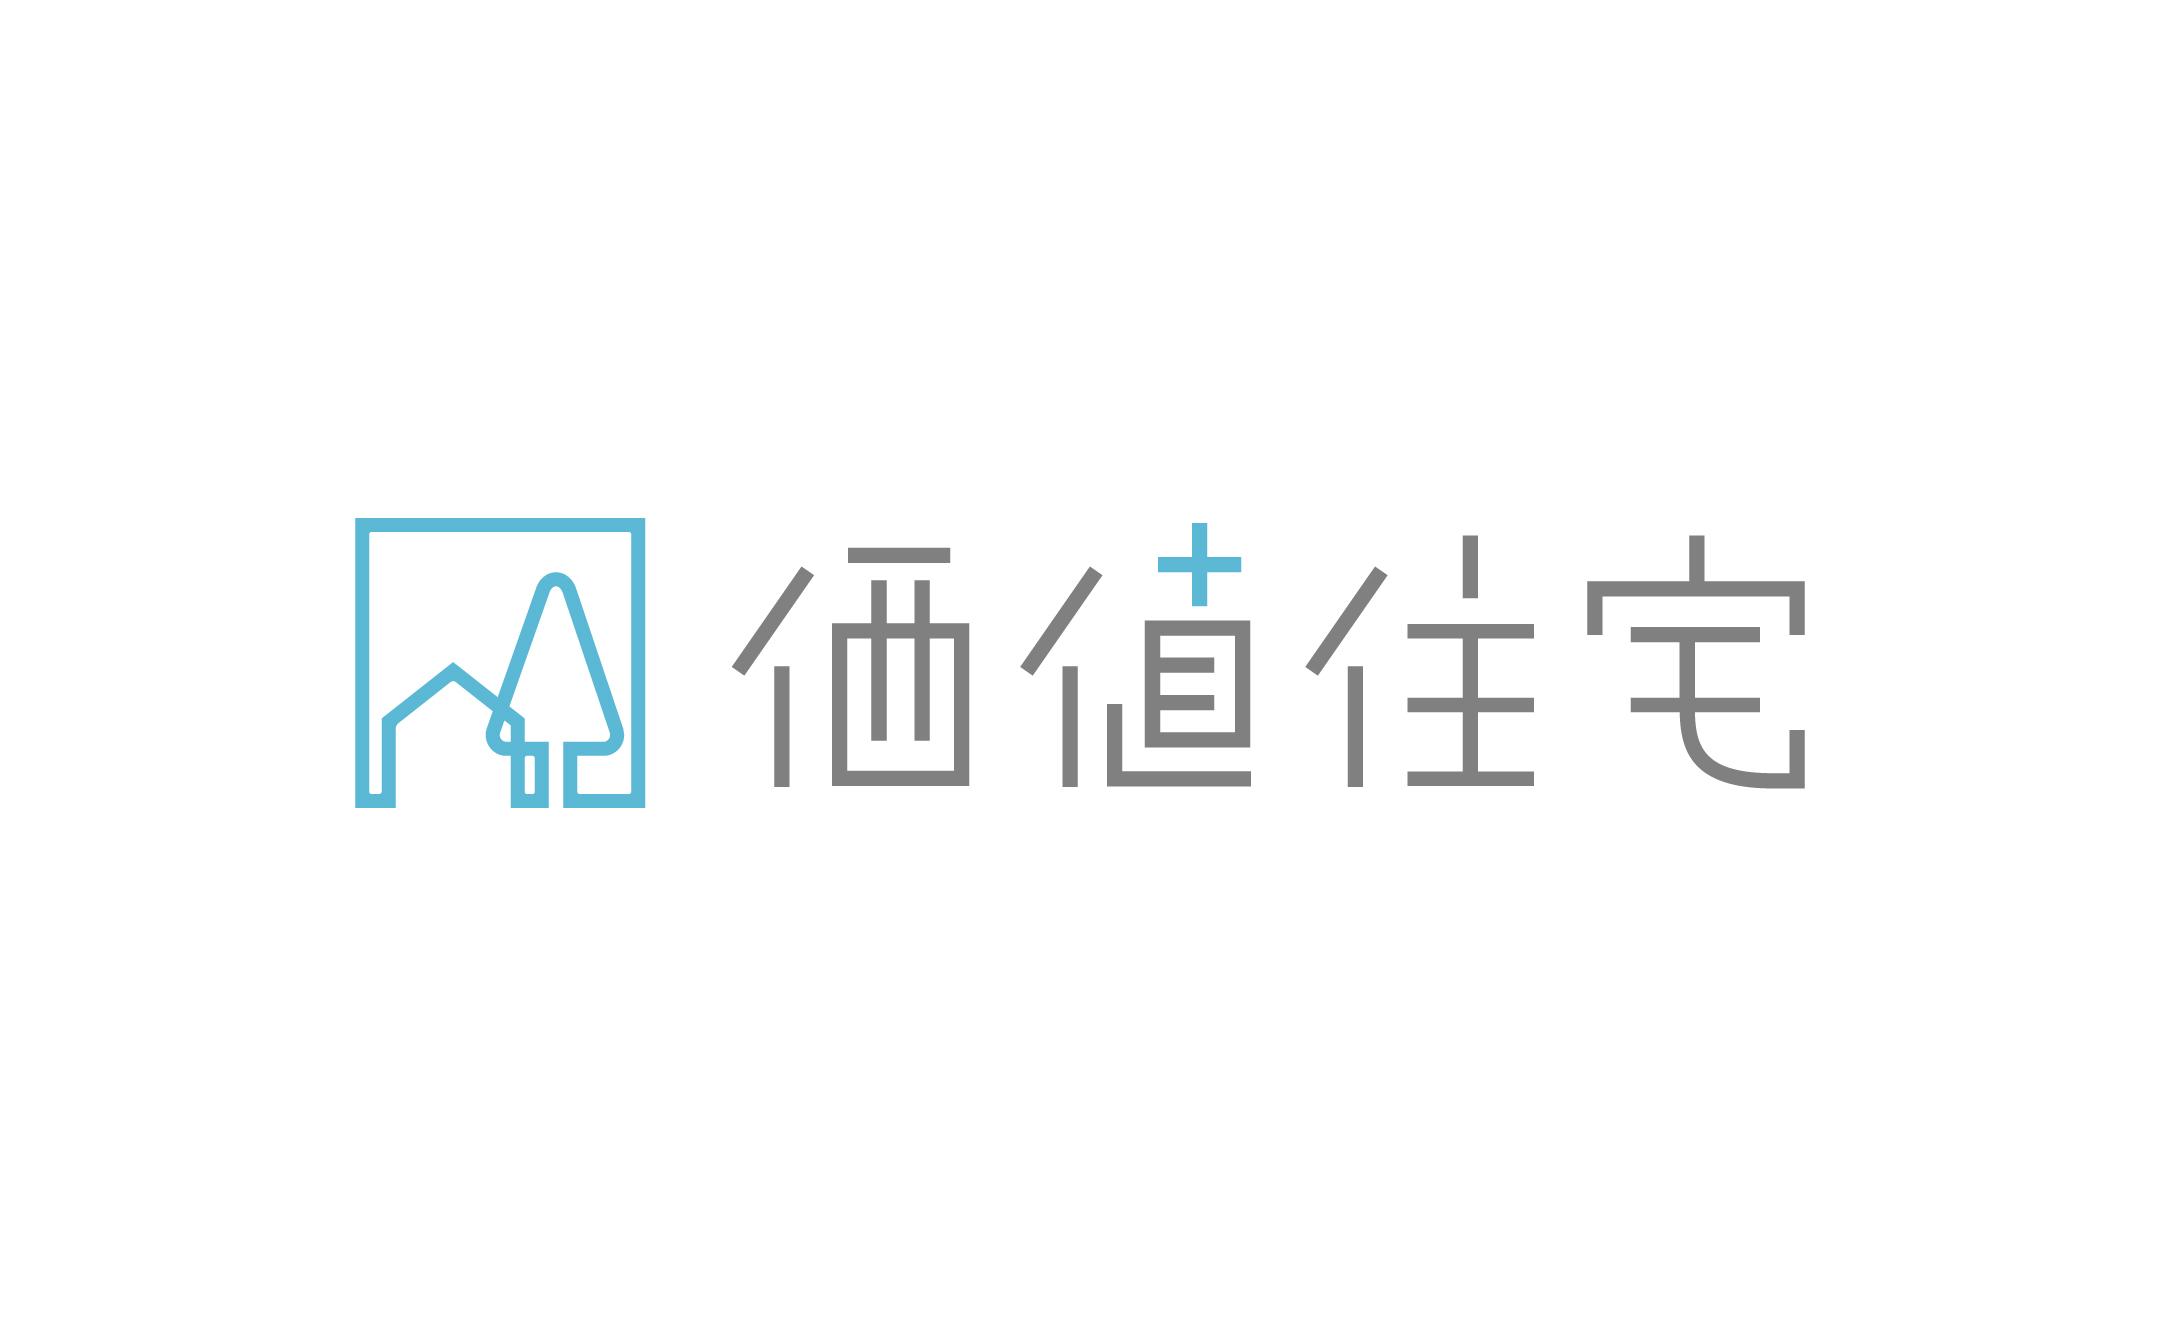 価値住宅 コーポレート・サービスロゴ制作